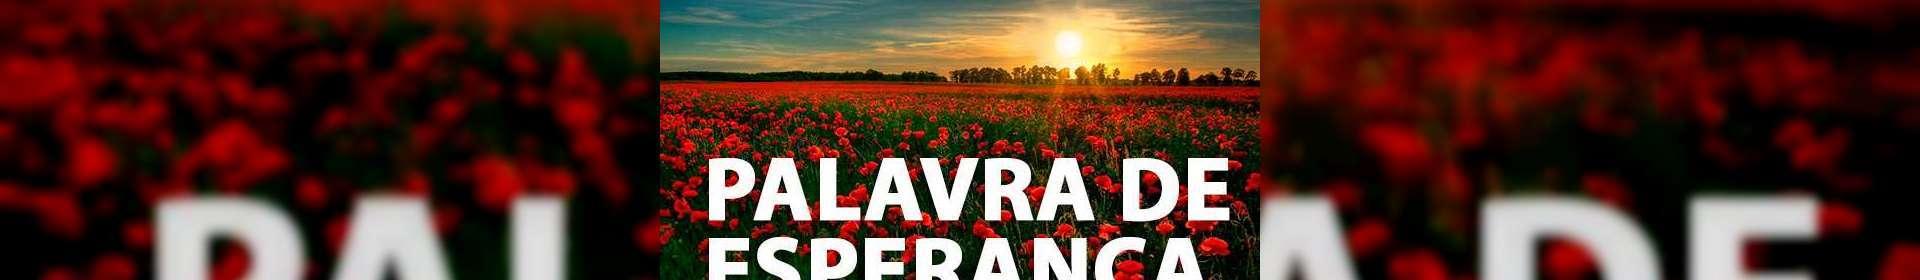 Apocalipse 19:11-13 - Uma Palavra de Esperança para sua vida